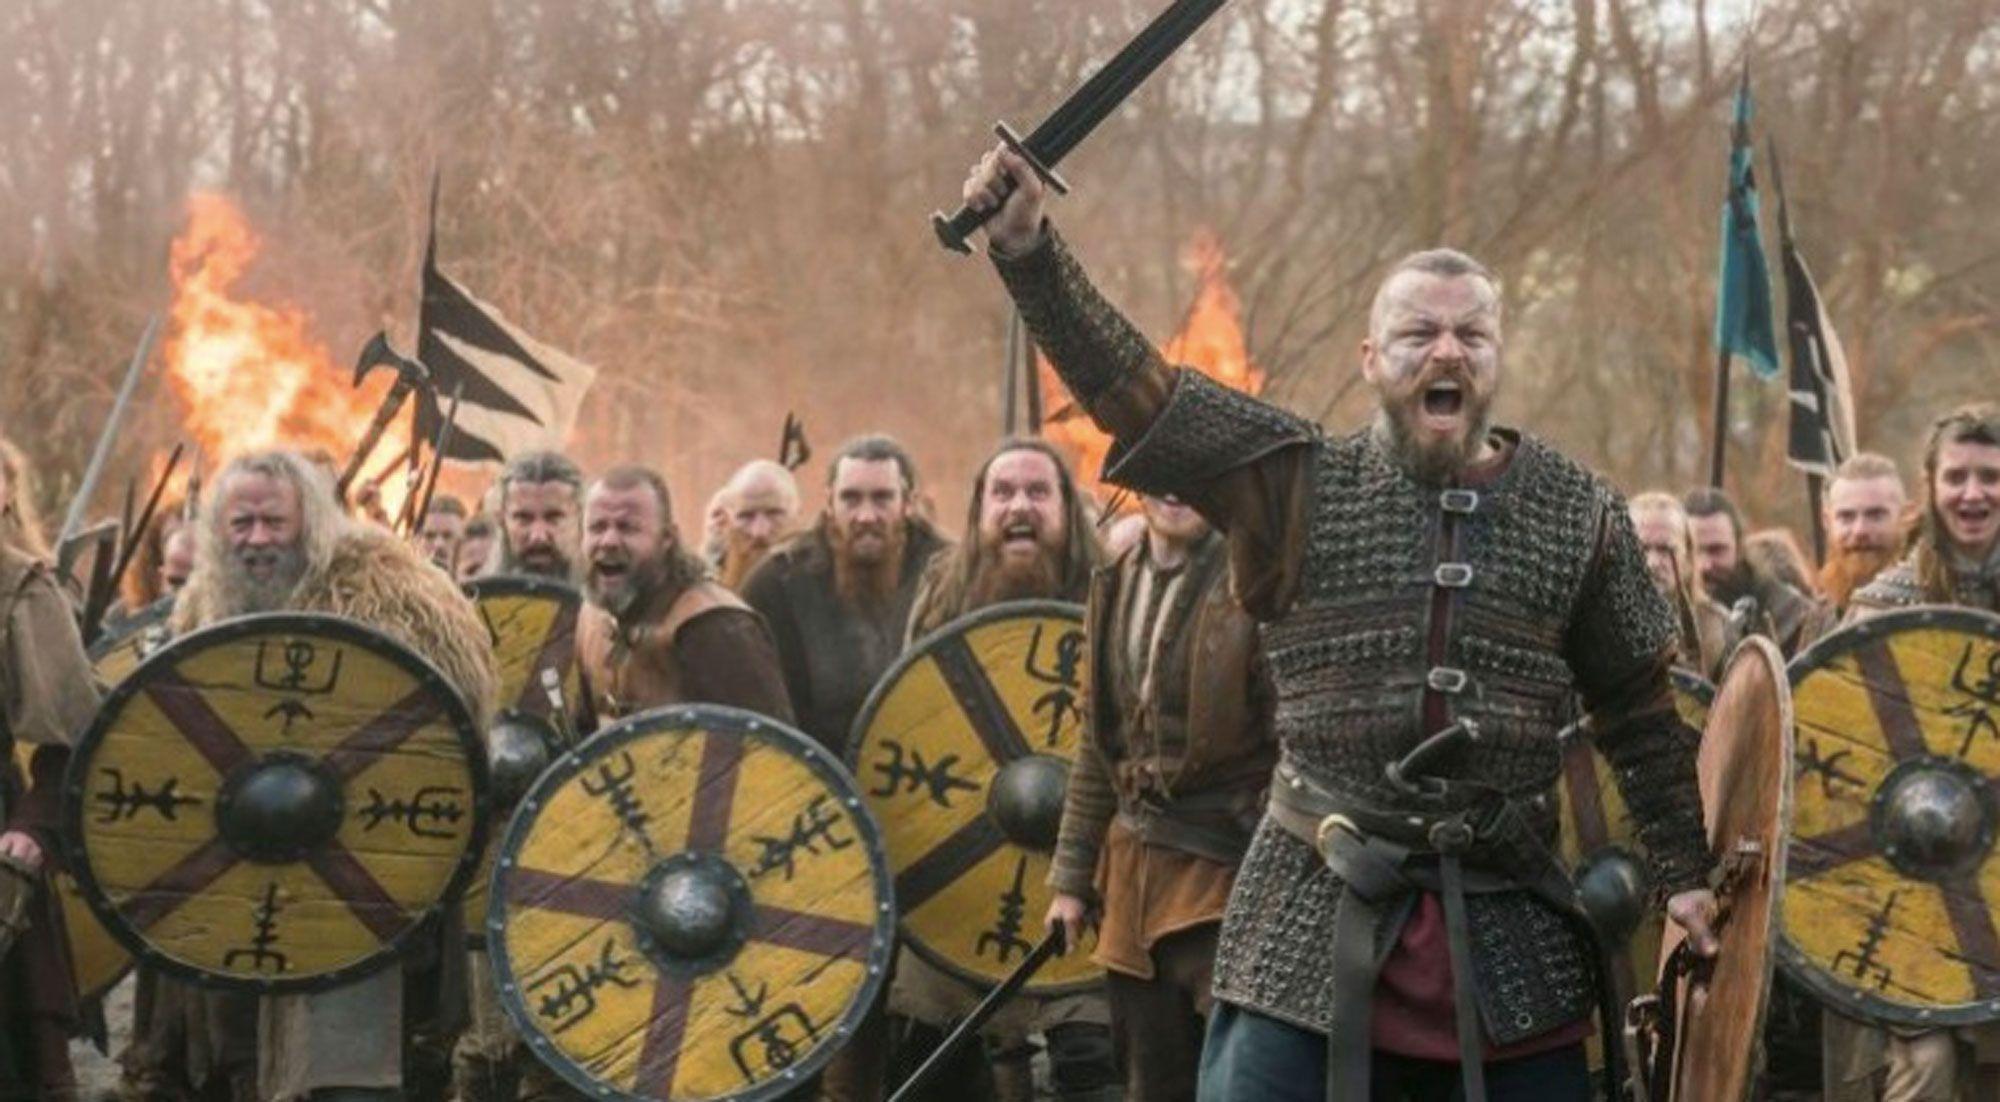 Suivant la même logique que les autres saisons de la. Vikings Season 6 Part 2 How To Watch The Final Episodes